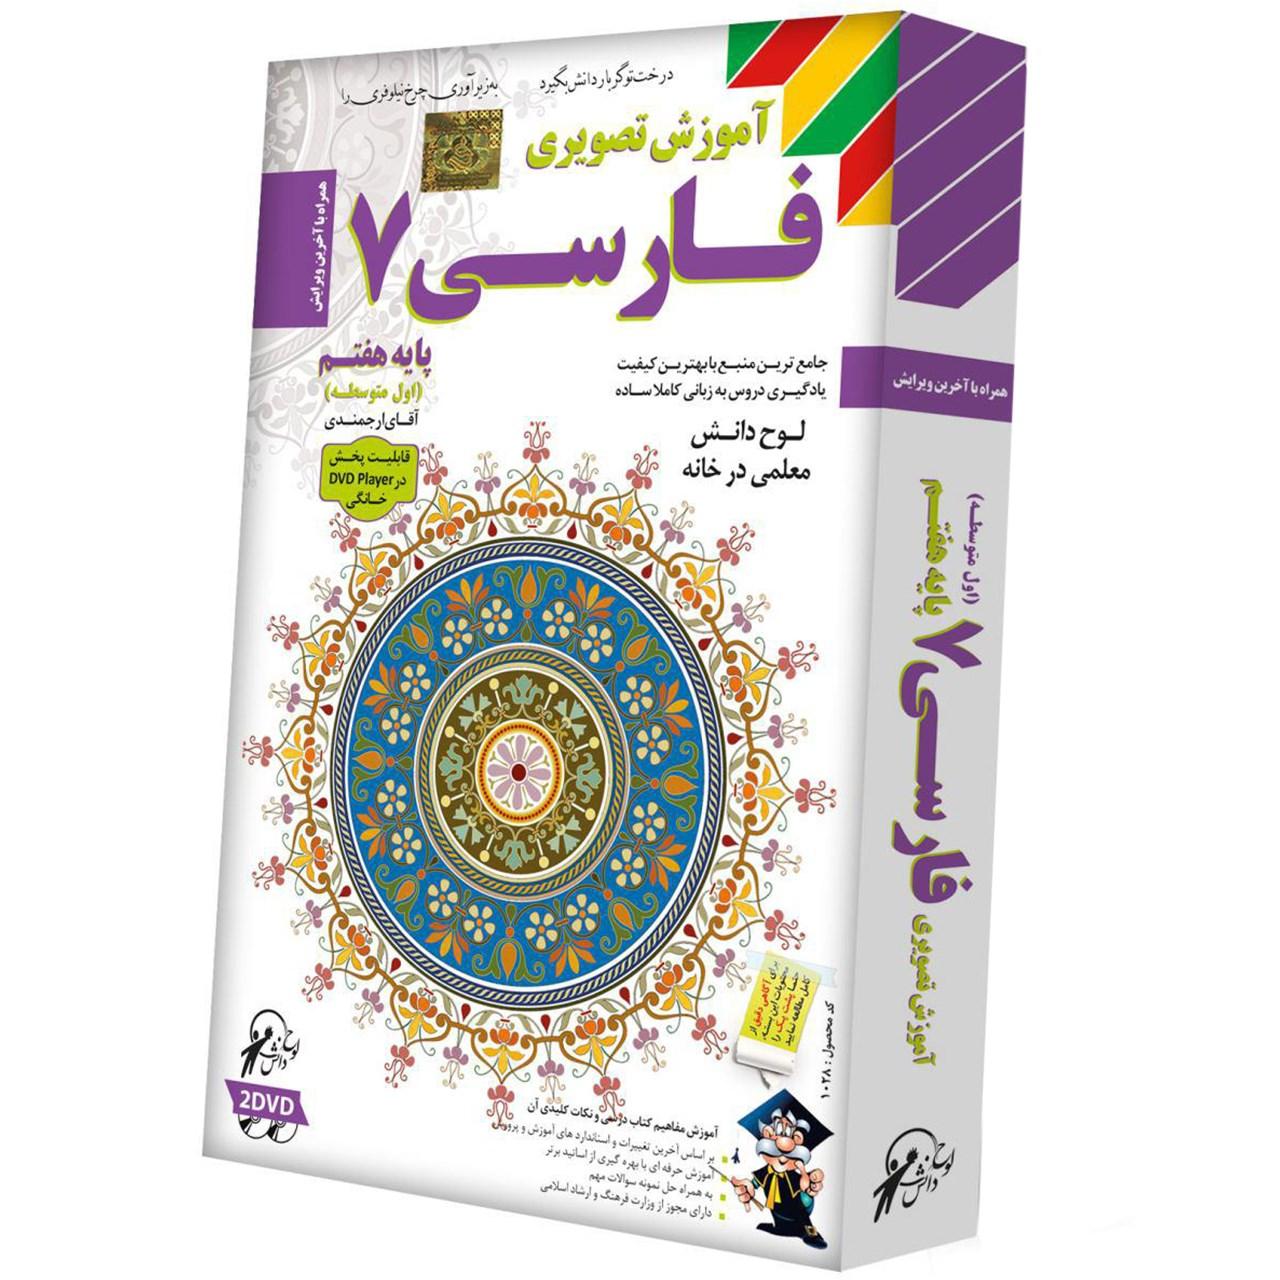 آموزش تصویری فارسی 7 نشر لوح دانش